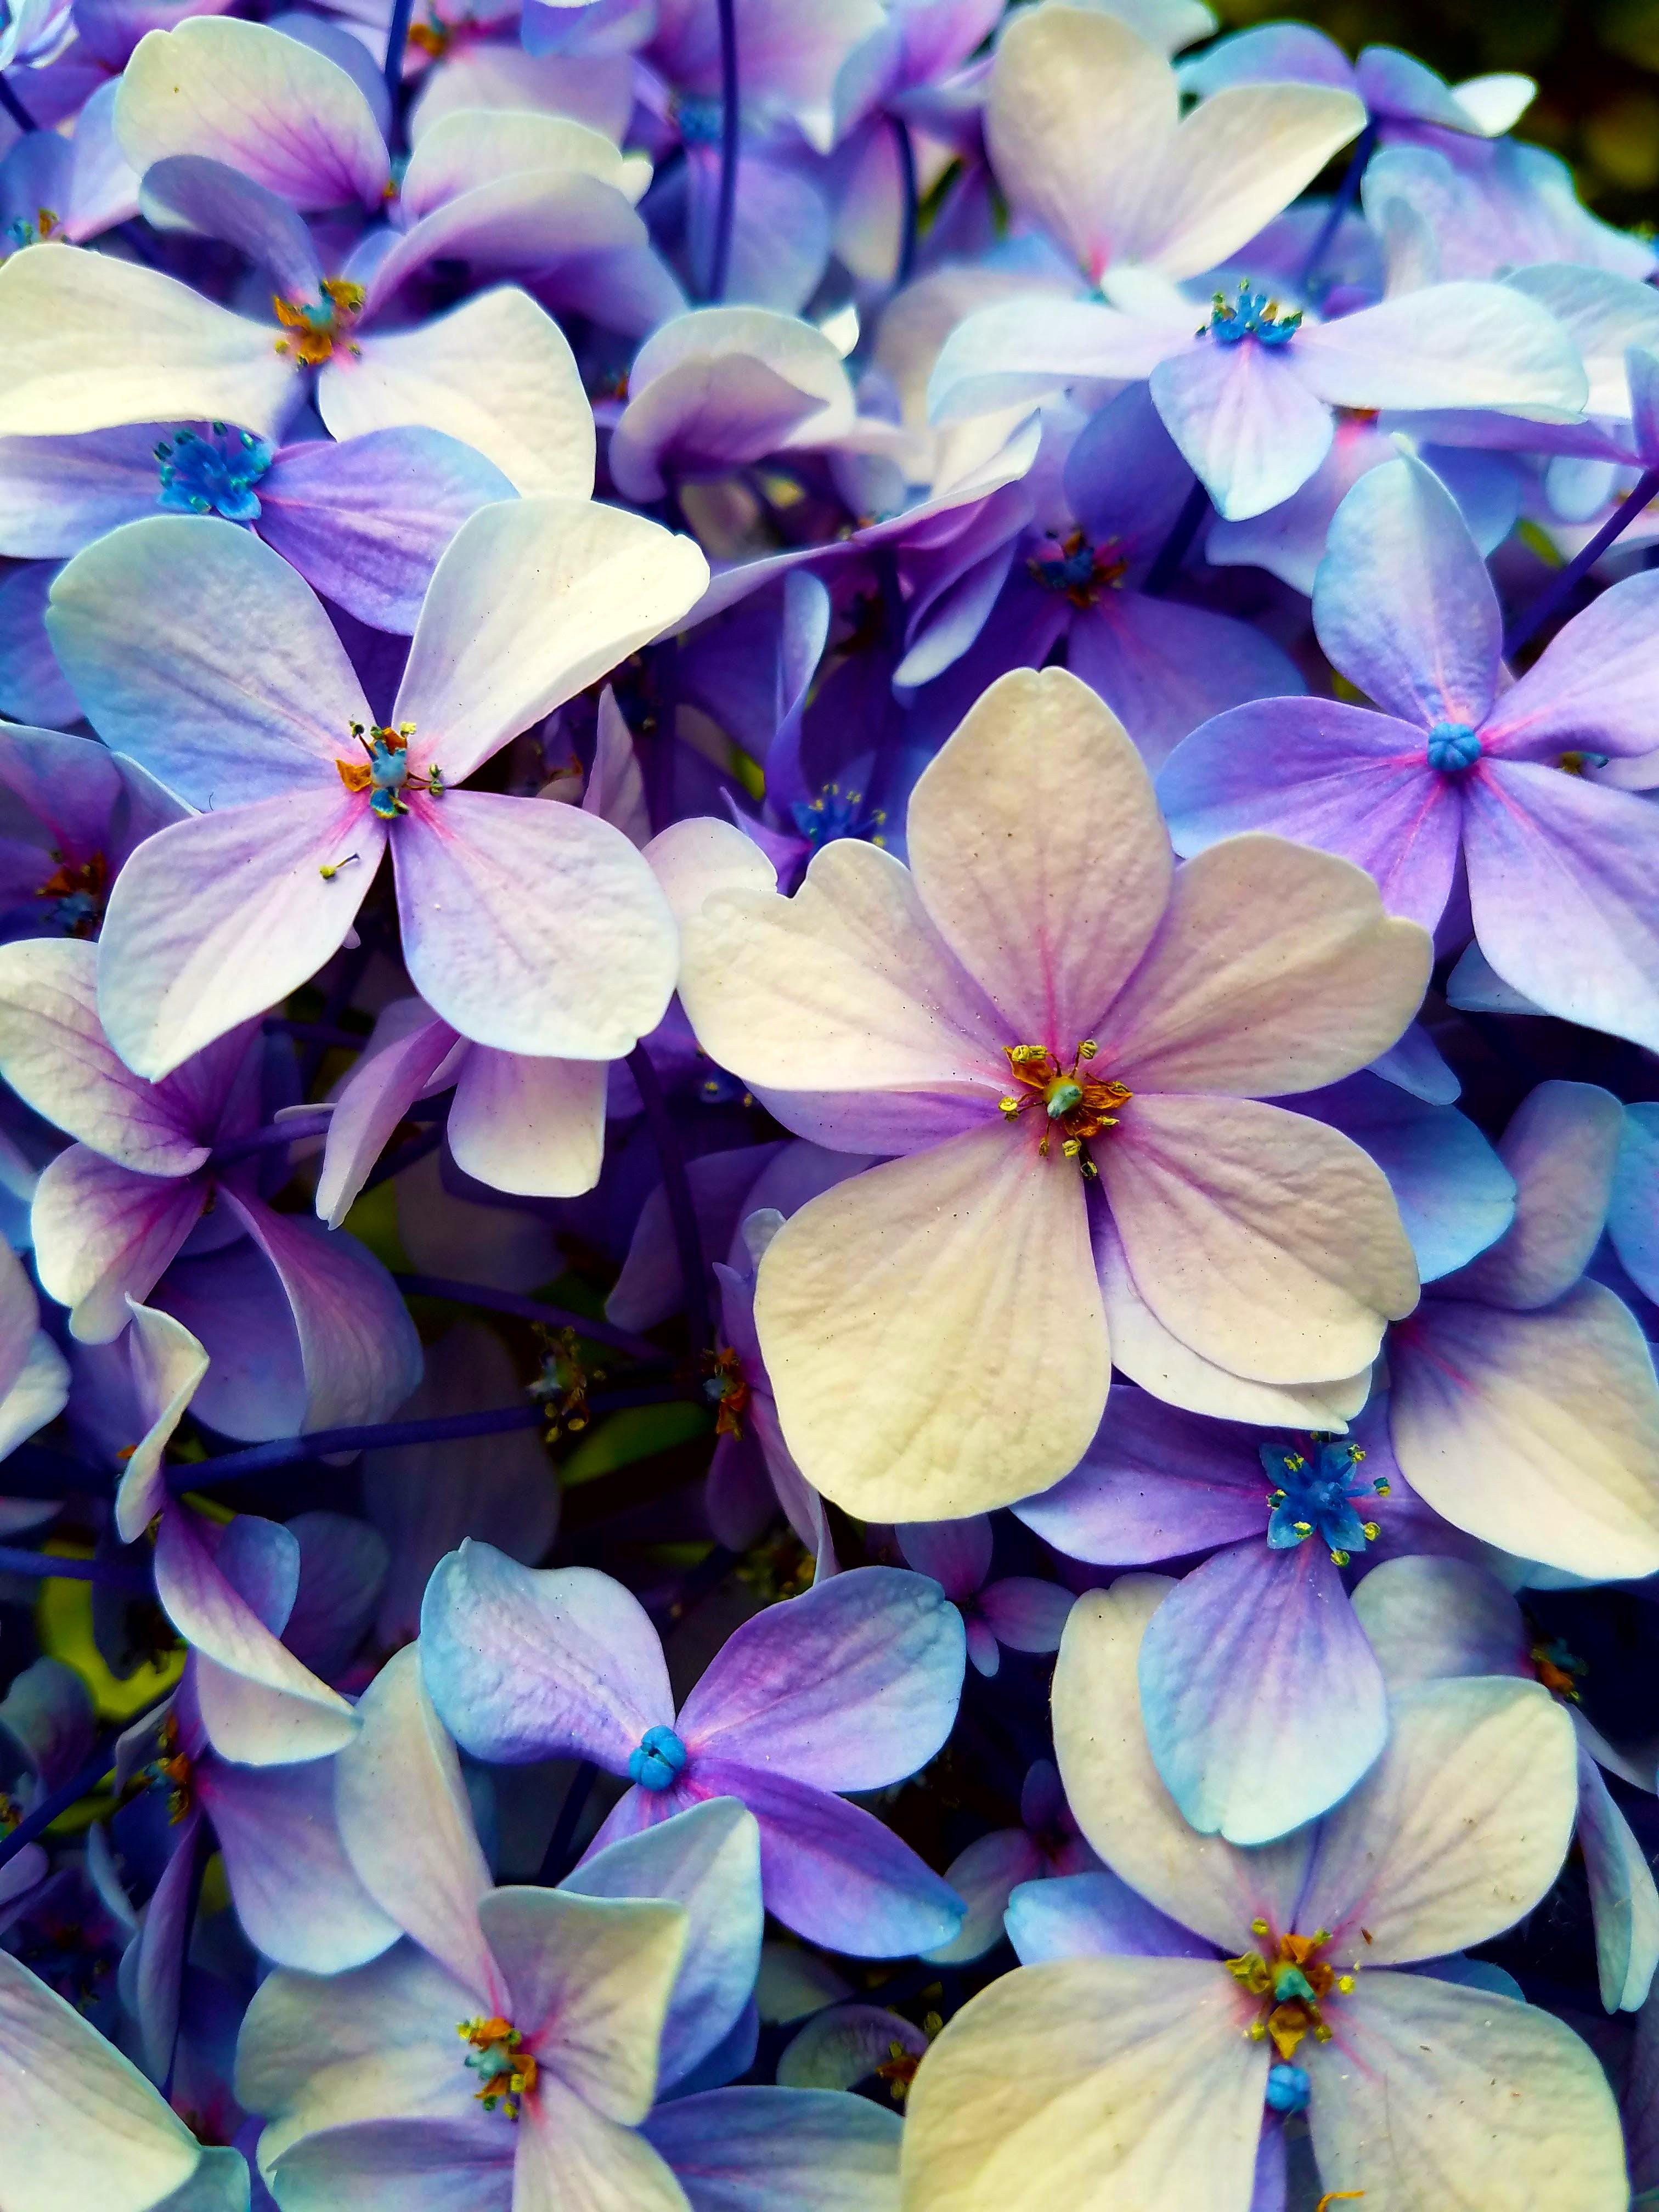 Gratis arkivbilde med blomster, busker, hortensia